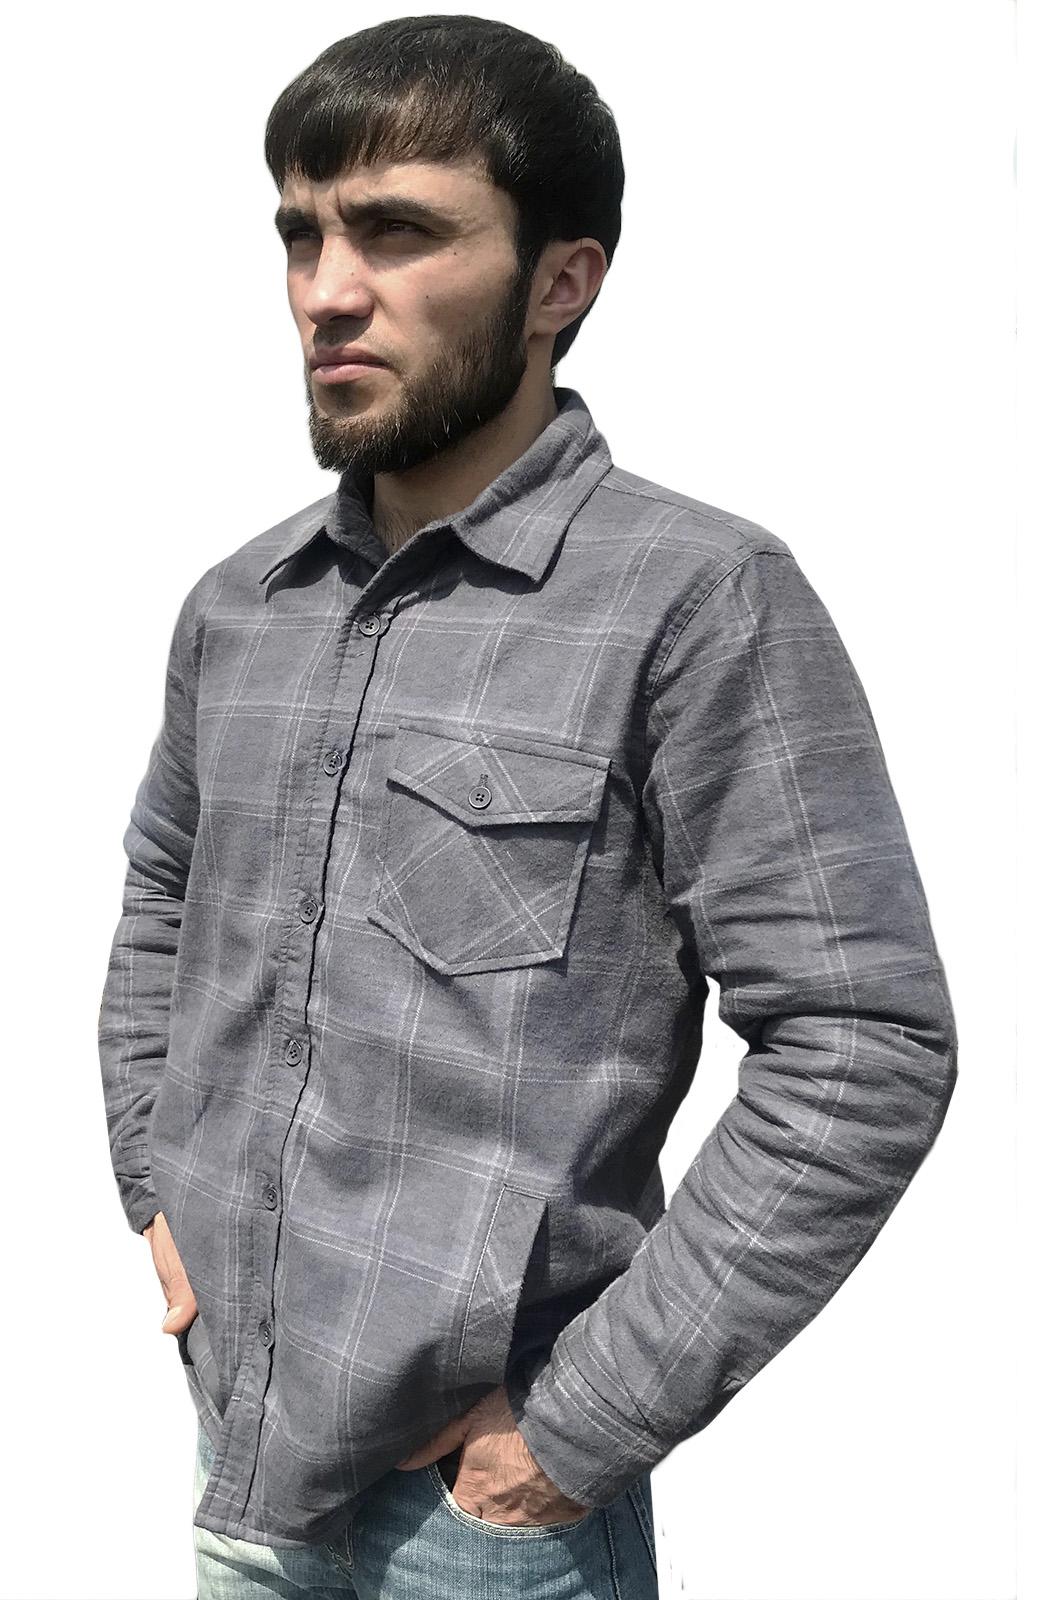 Мужская рубашка с шевроном купить с доставкой